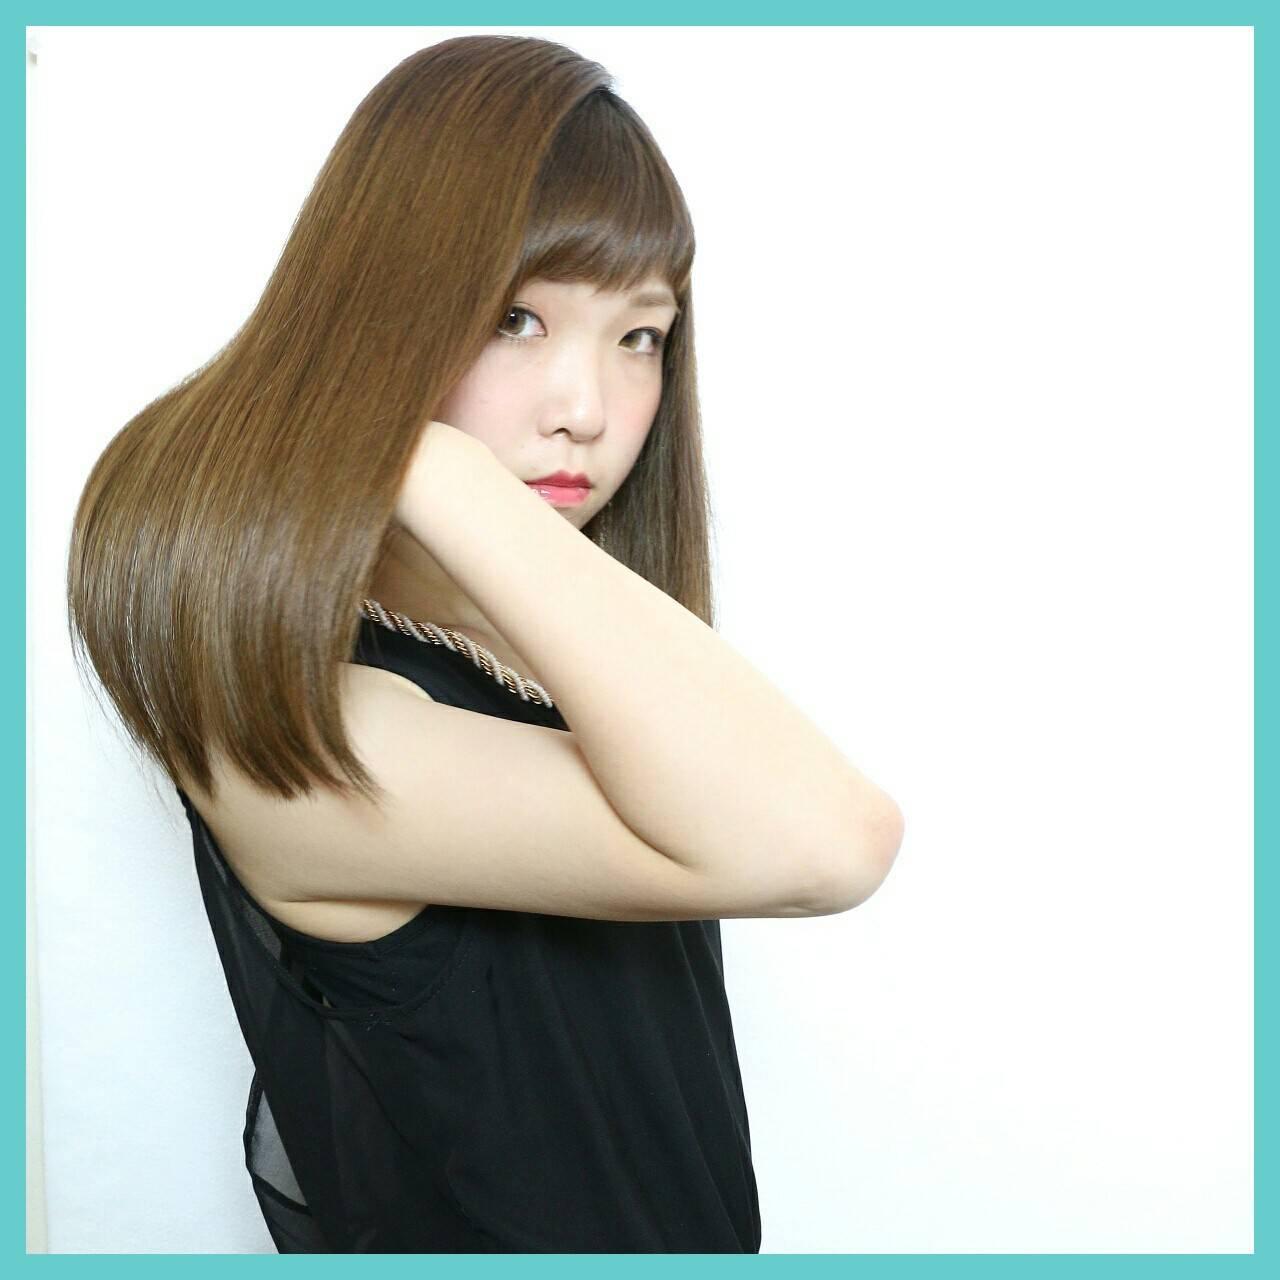 暗髪 ストレート ロング 大人かわいいヘアスタイルや髪型の写真・画像